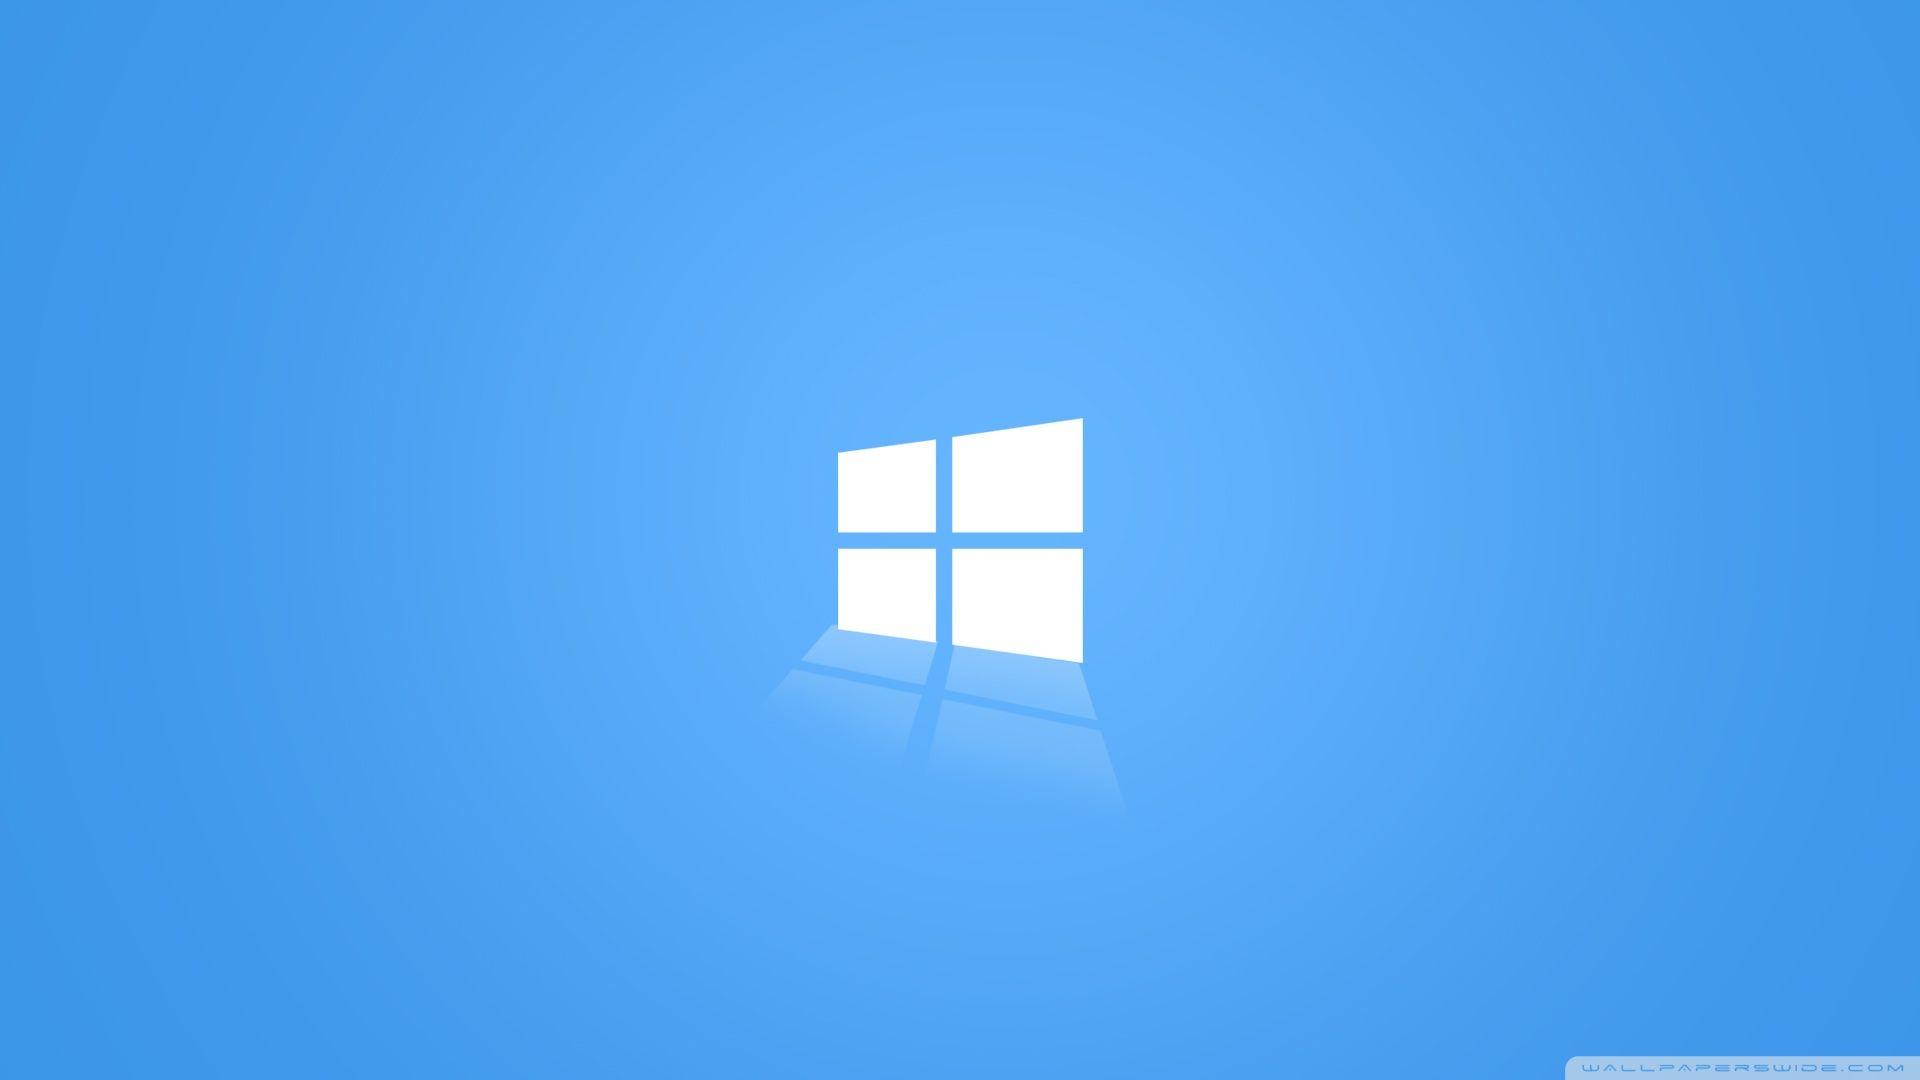 Windows Blue Hd Desktop Wallpaper Widescreen High Windows 10 Logo Wallpaper Windows 10 Windows 10